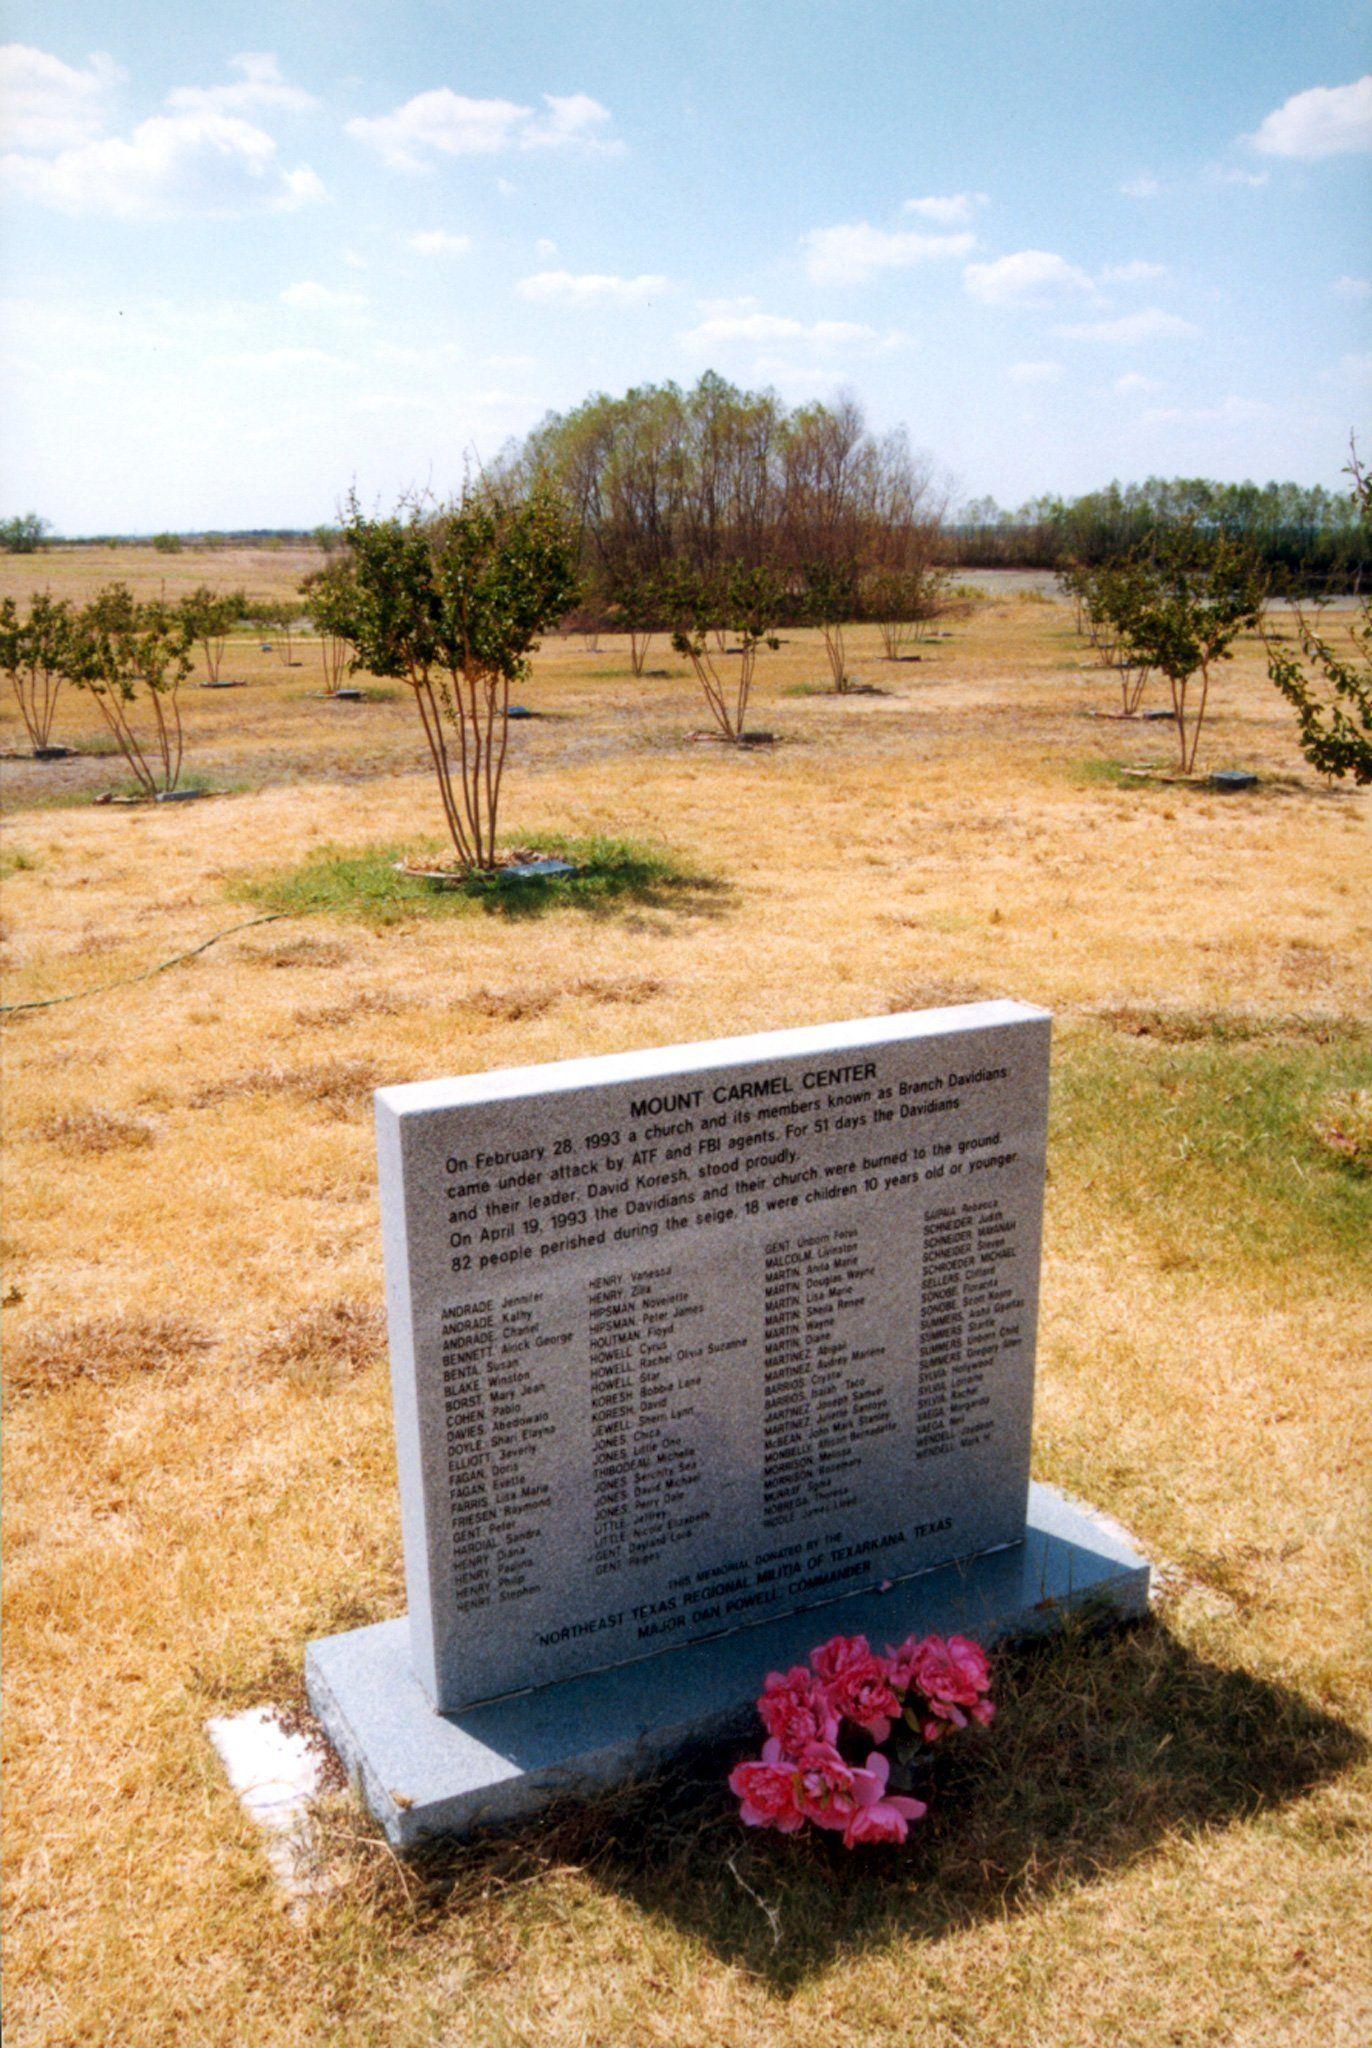 Todesstätte der Davidianer als Touristenziel